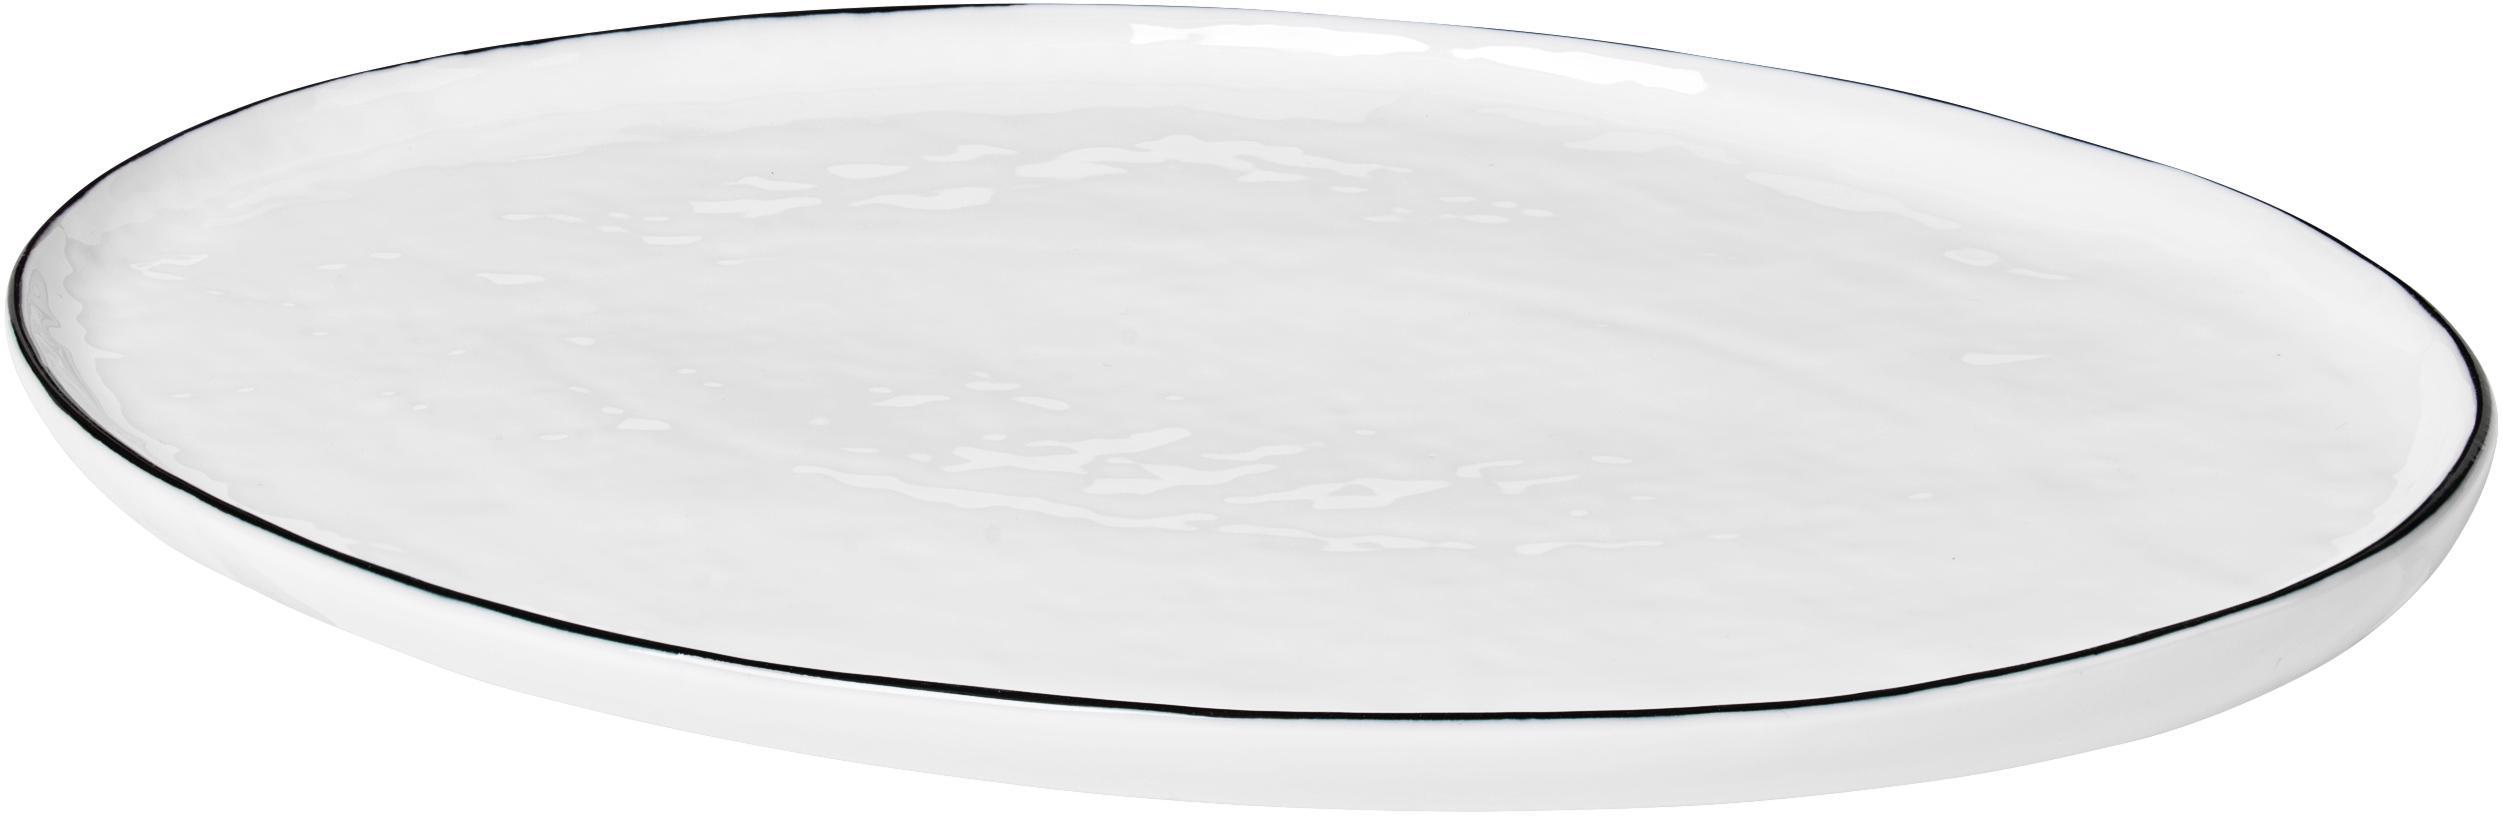 Handgemachte Servierplatte Salt mit schwarzem Rand, Porzellan, Gebrochenes Weiss, Schwarz, 20 x 30 cm